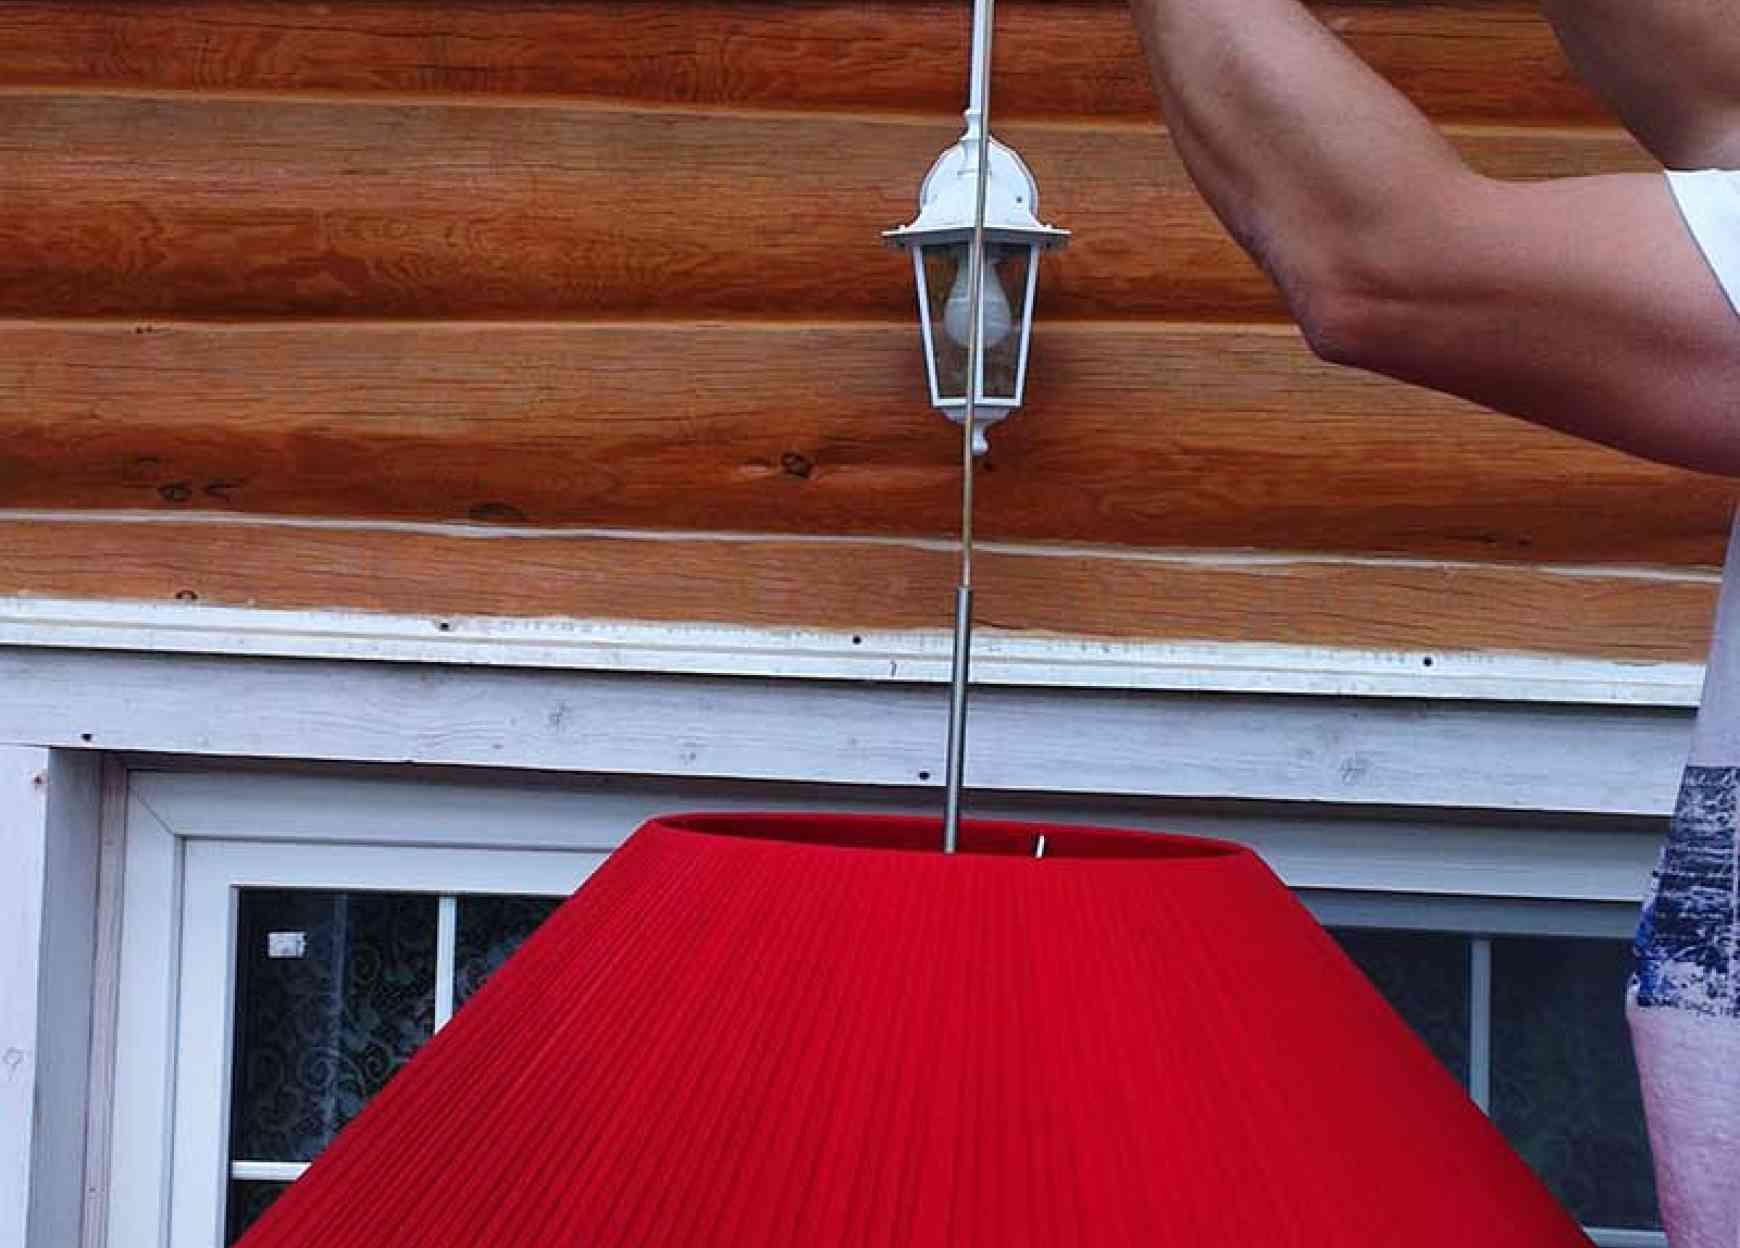 Сборка и навеска люстры сложной конструкции от 25руб.